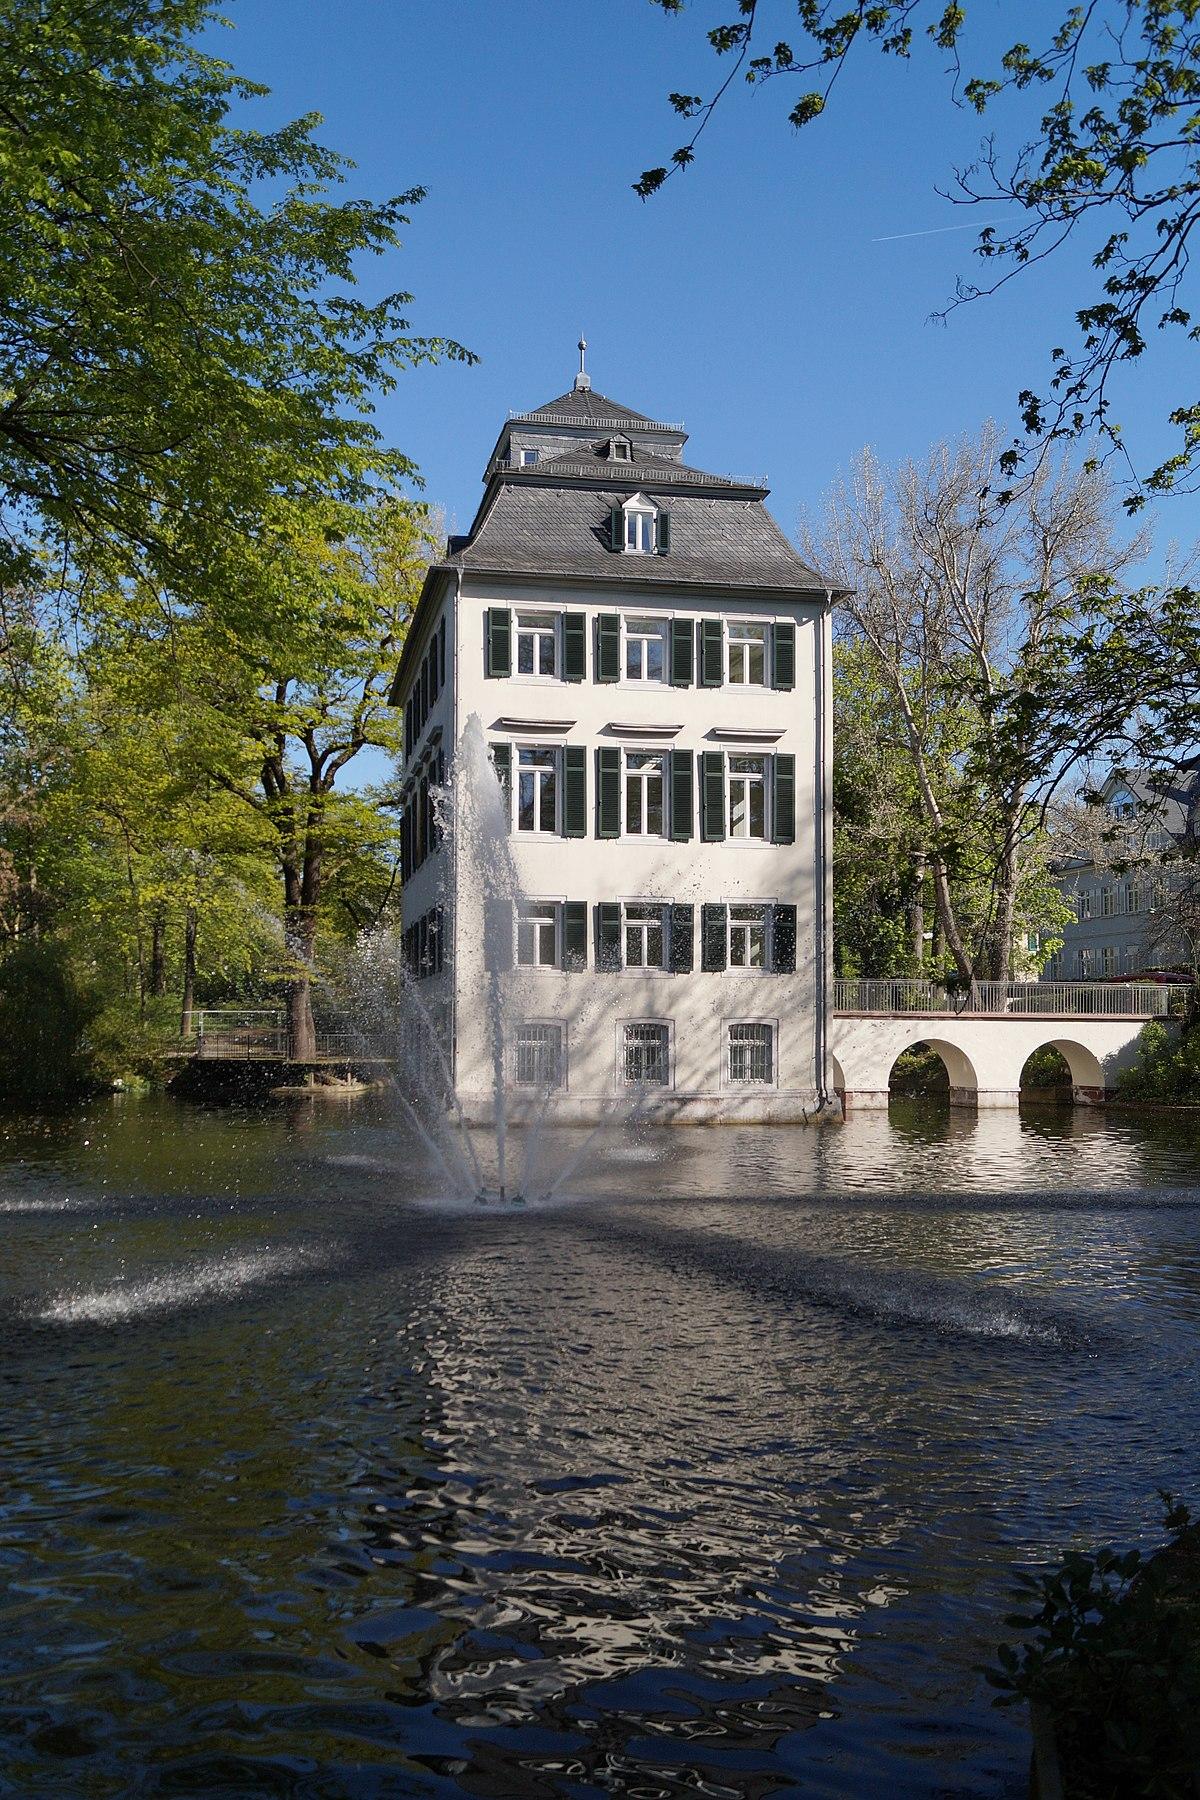 Form Im Raum Frankfurt holzhausenschlösschen